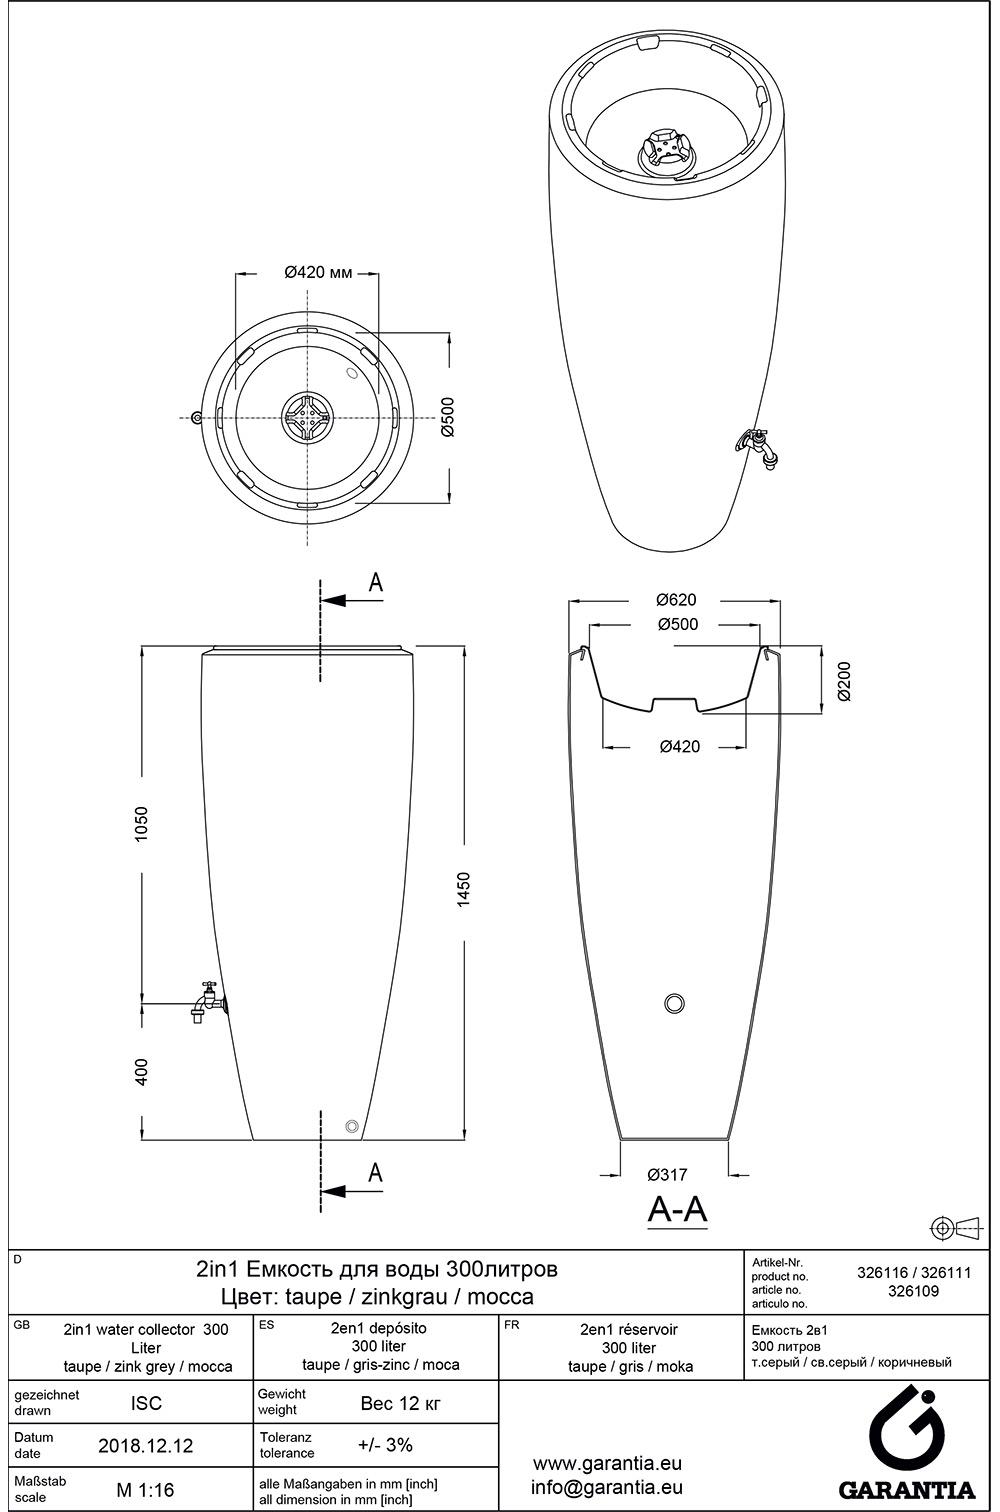 інсталяція декоративної ємності для збору воды 2in1